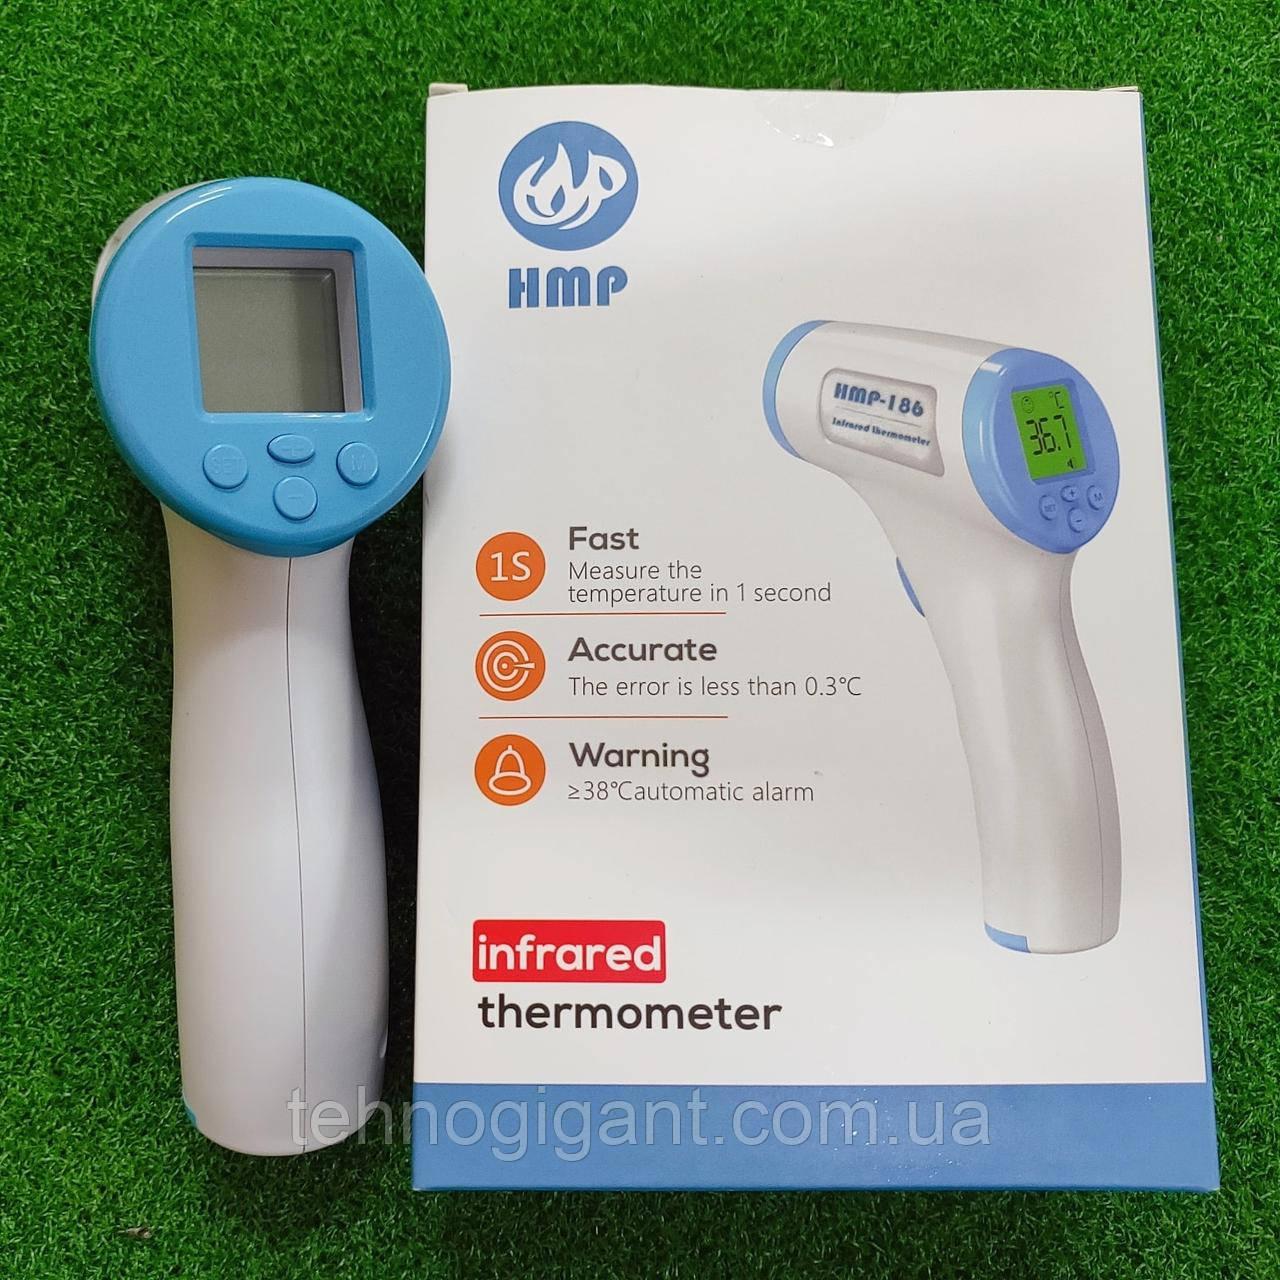 Бесконтактный инфракрасный термометр HMP-186, бесконтактный дистанционный градусник, пирометр